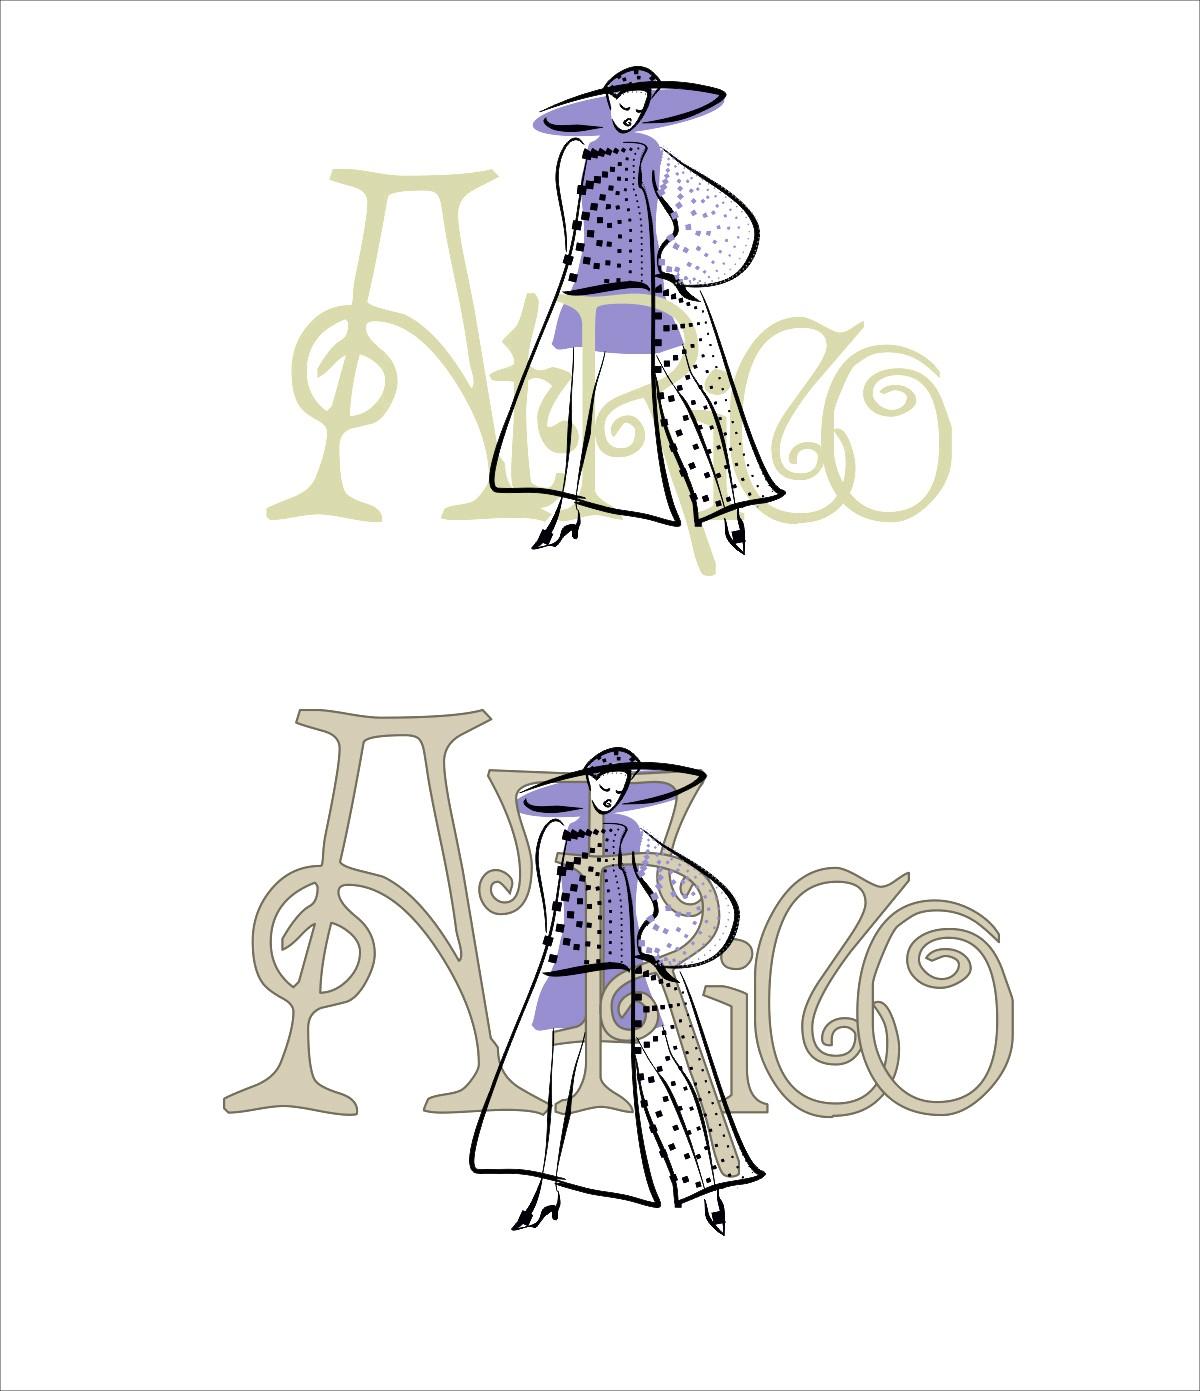 Логотип для брендовой пряжи и трикотажной одежды фото f_3486007a80251712.jpg